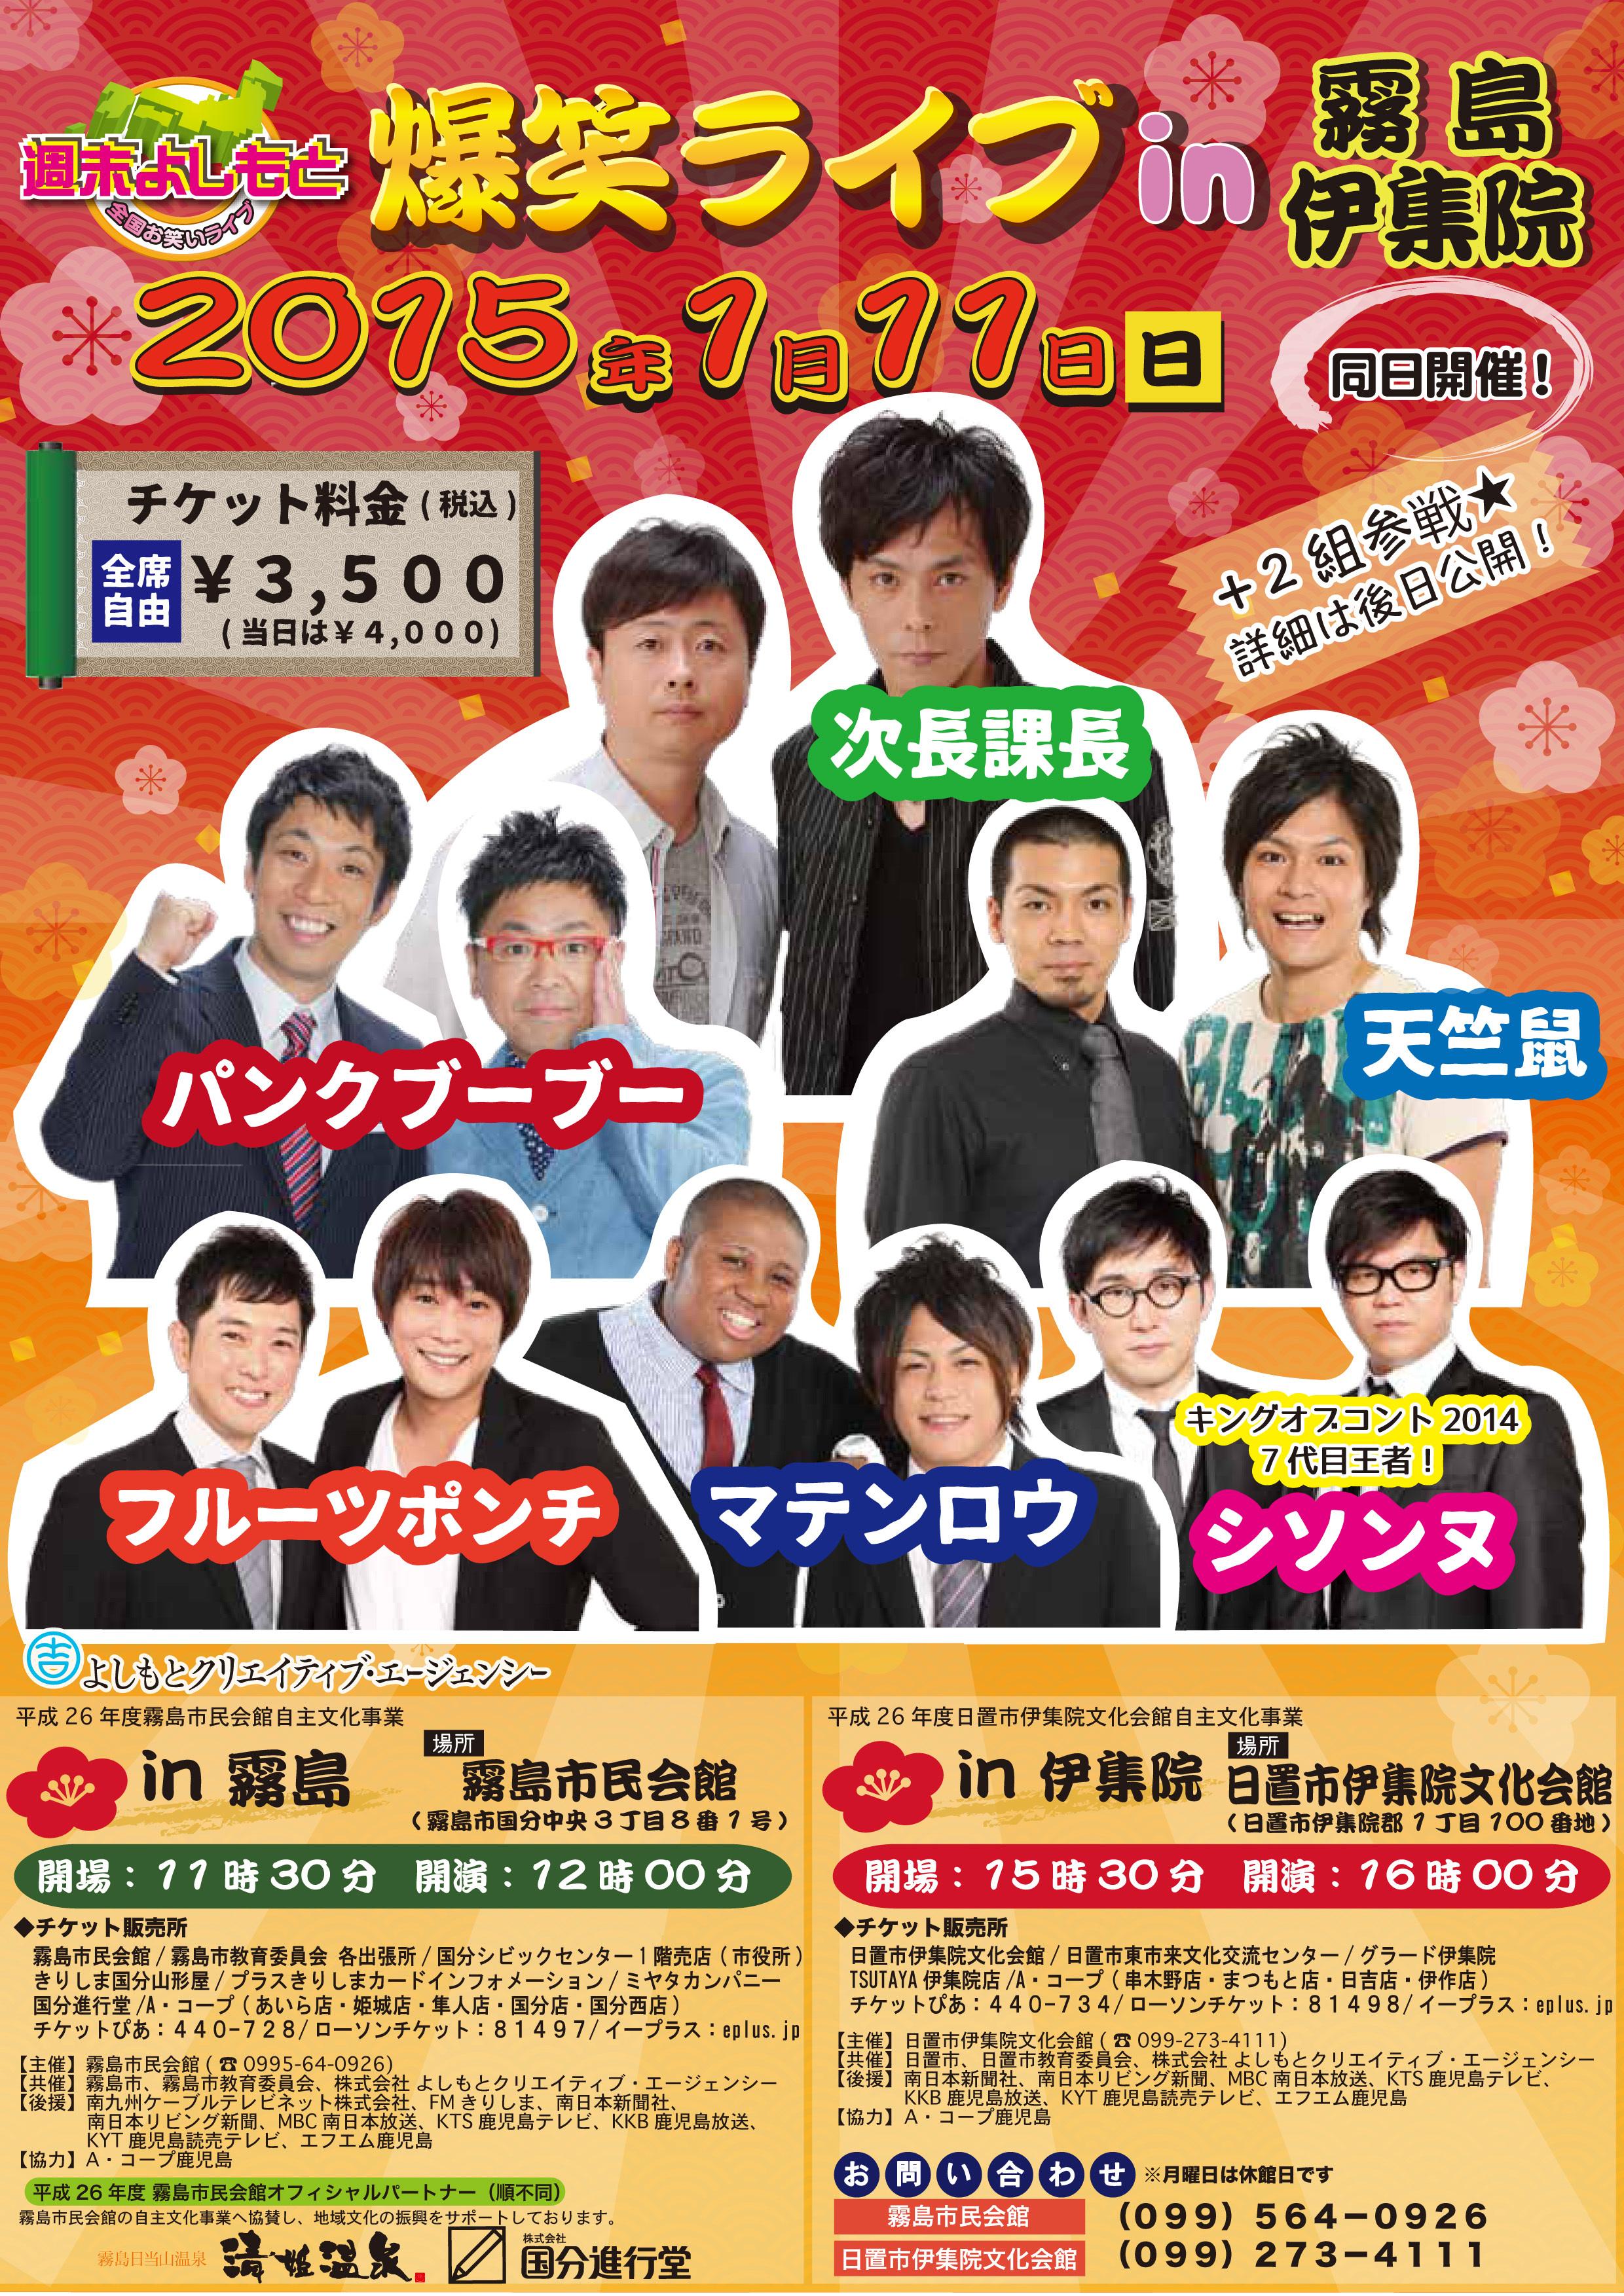 http://www.syumatsu.jp/20141225152307-25ed0cd8eb32254b63a3d8199eed7aeebaa5895d.jpg